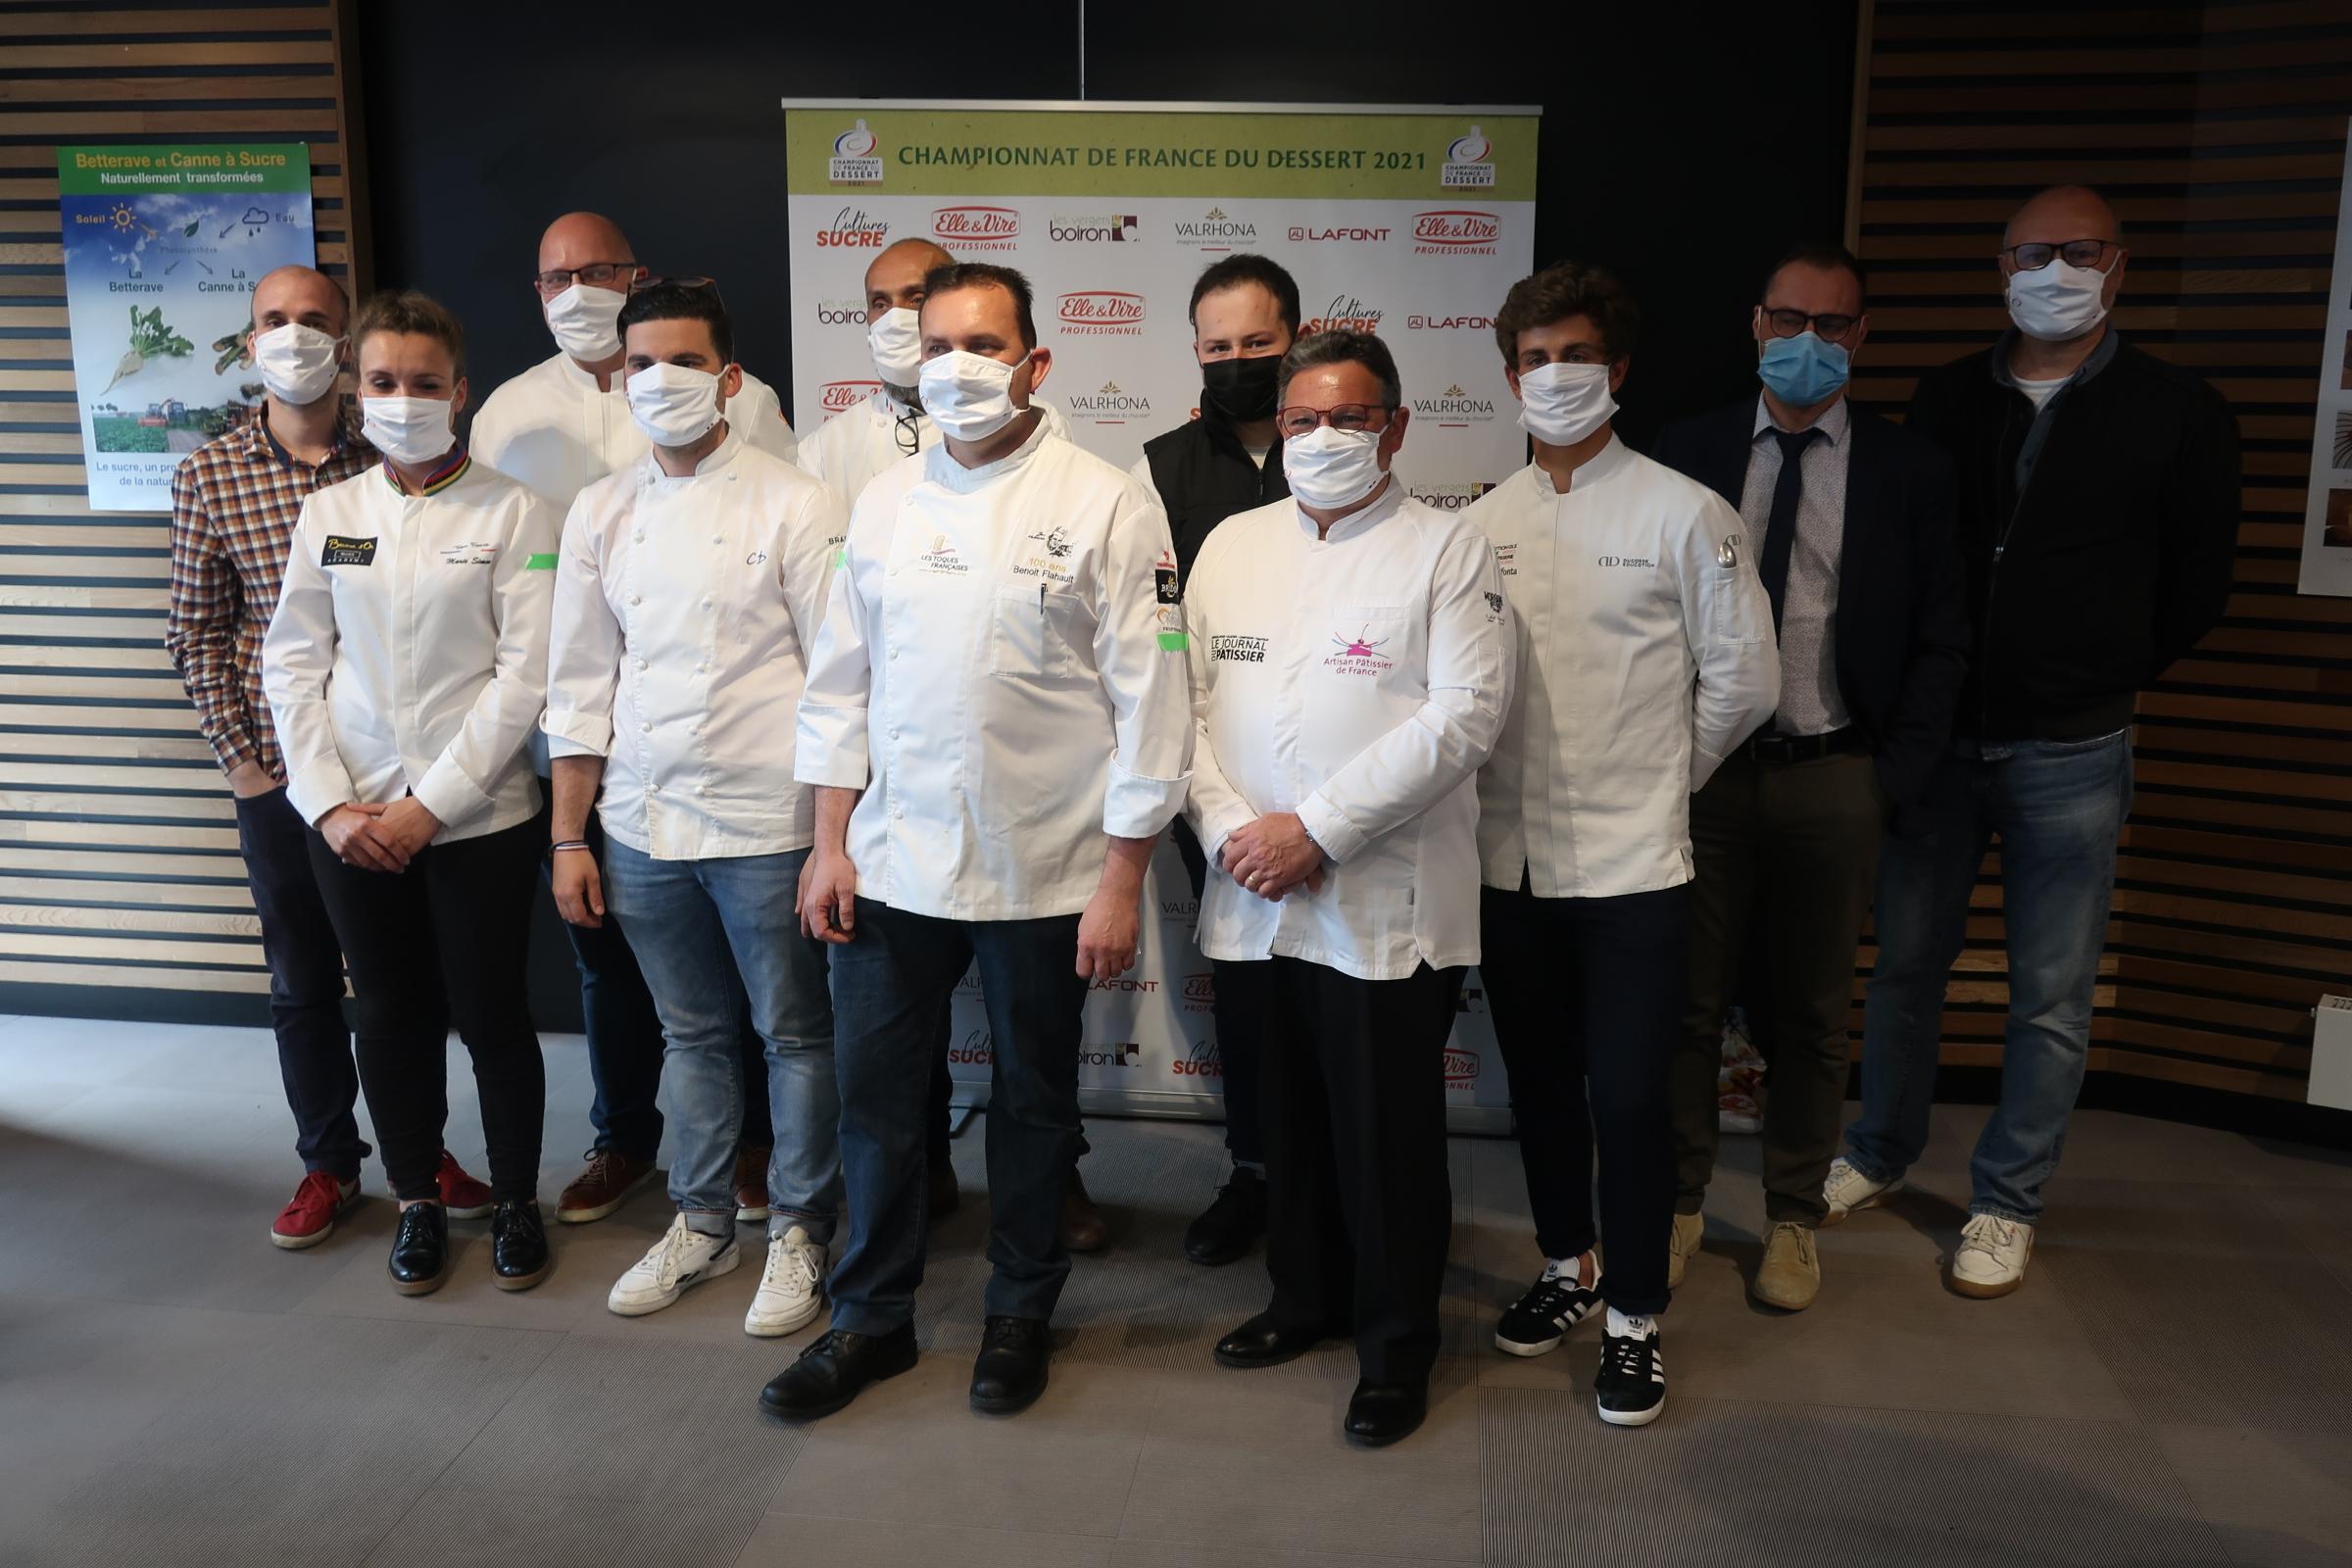 Championnat de France du dessert 2021